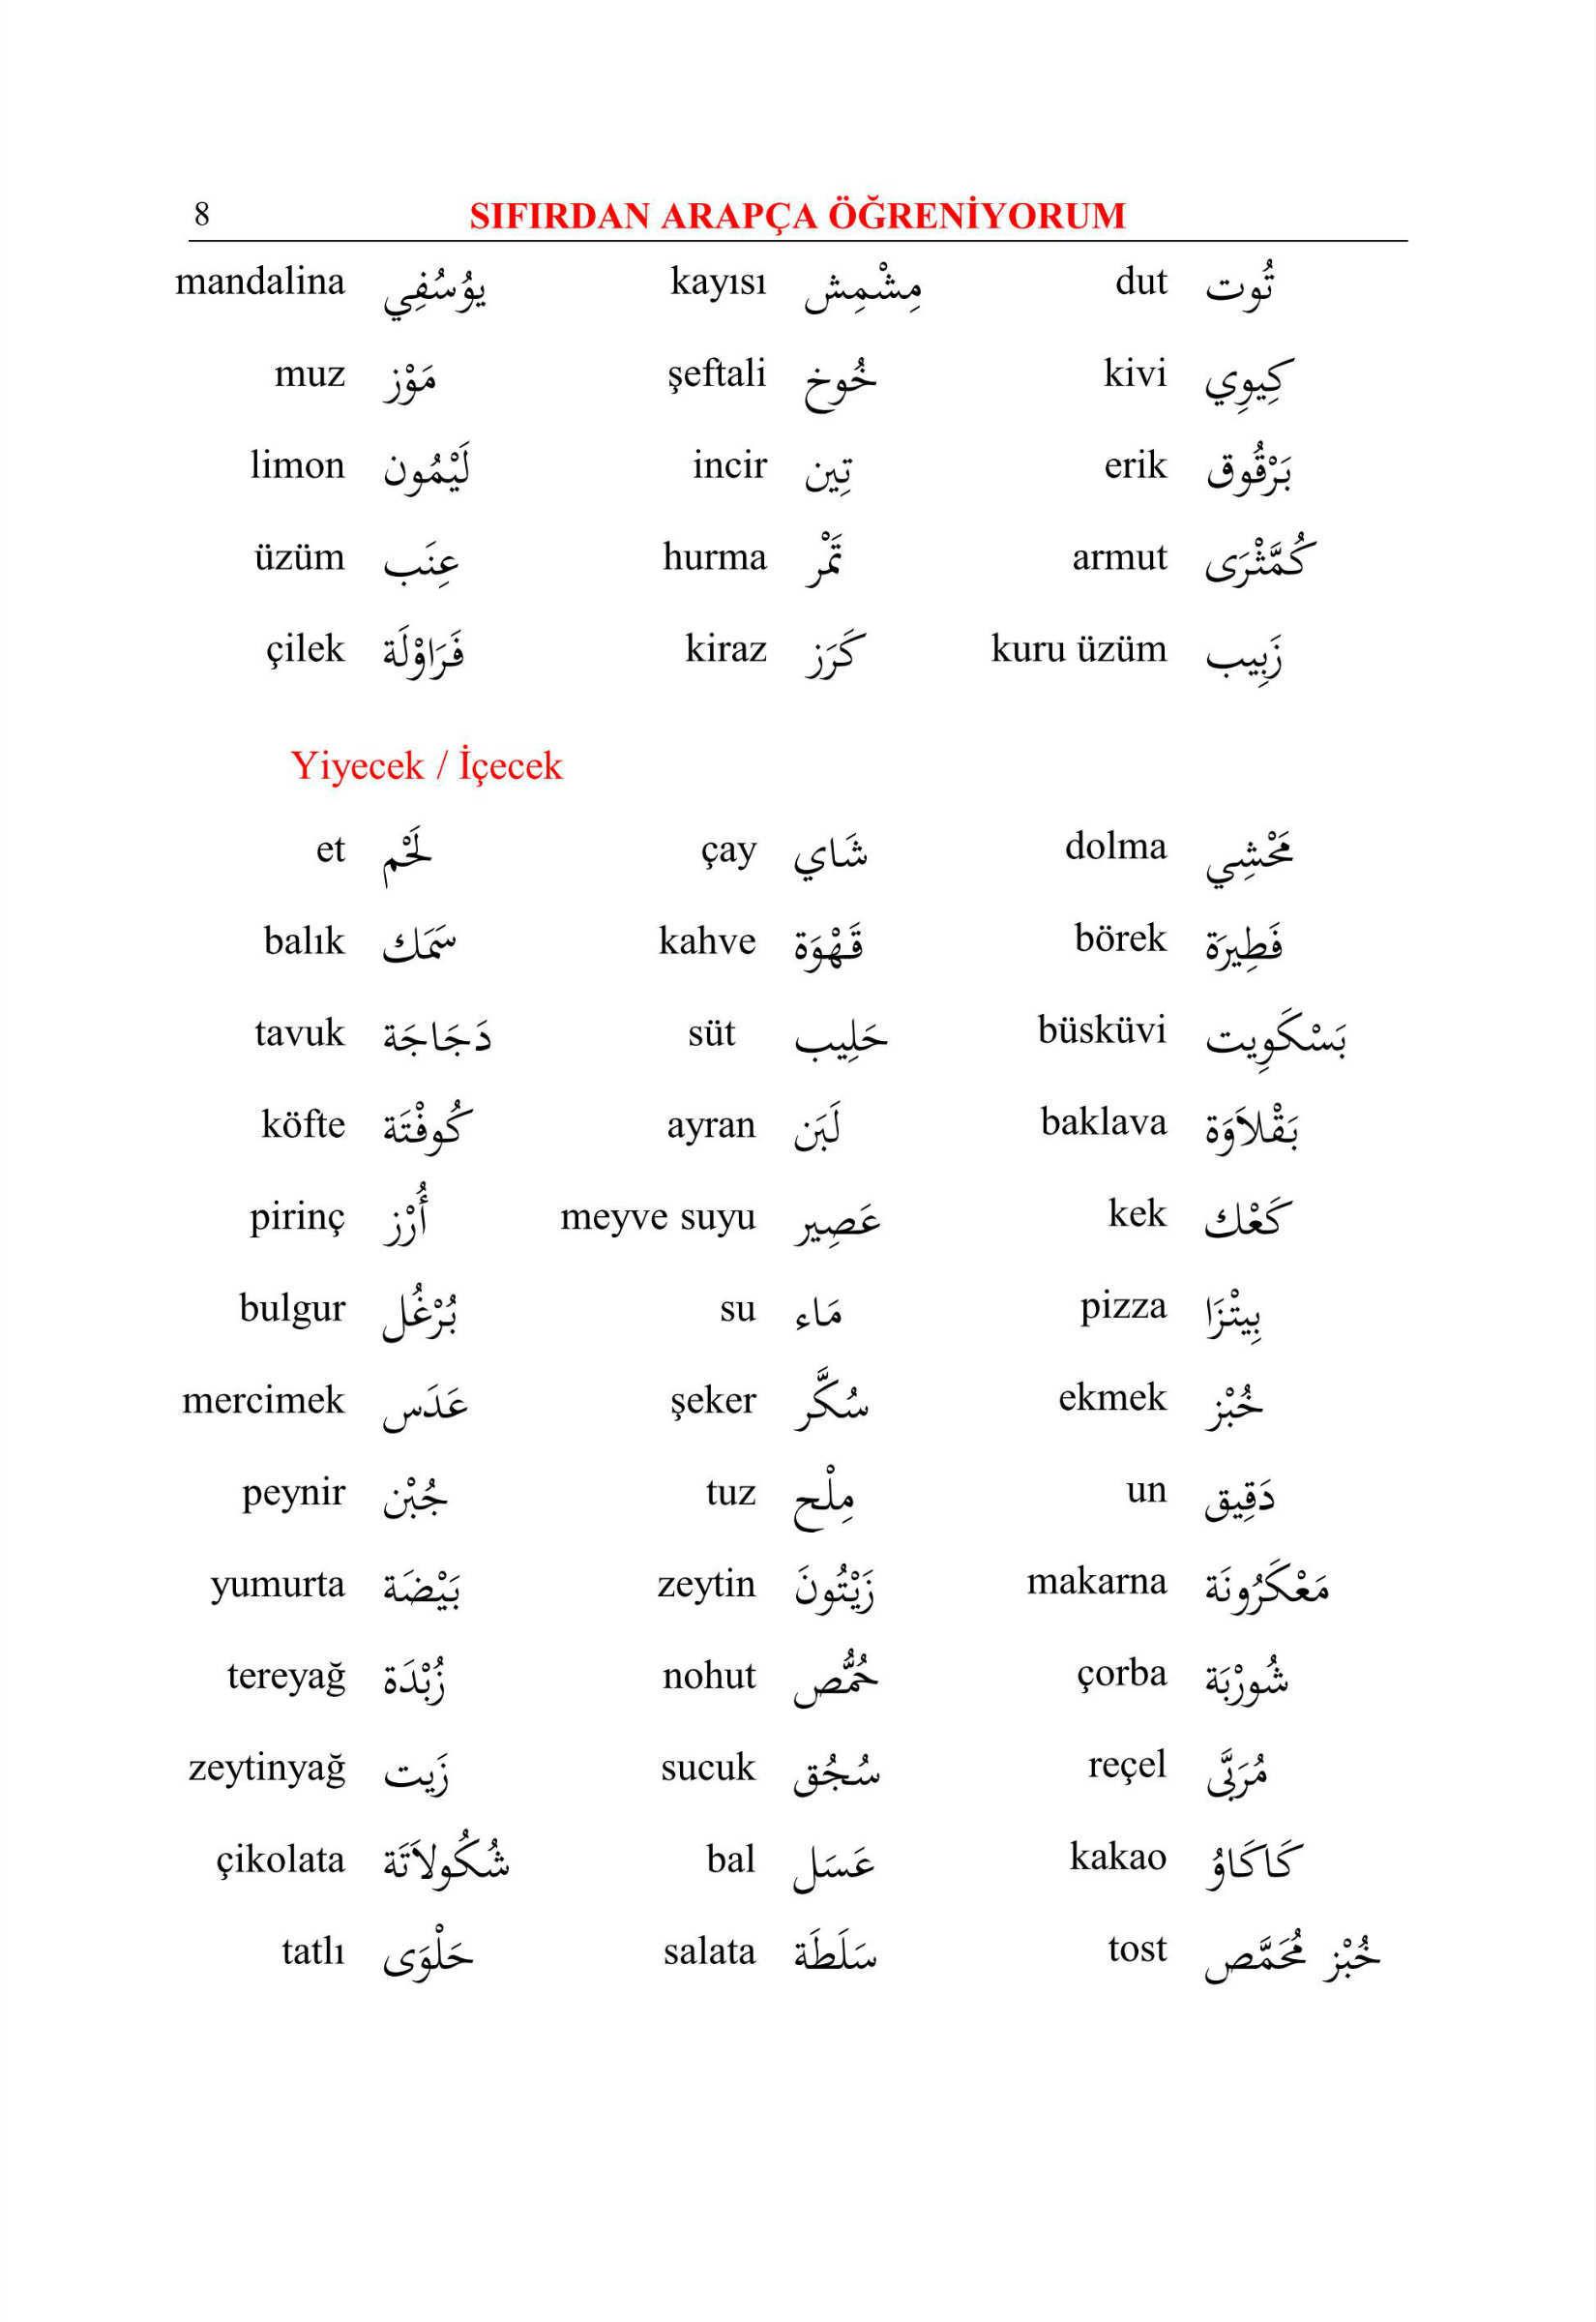 Arapça dilinin kendi kendine çalışması. Arapçayı sıfırdan öğrenmek